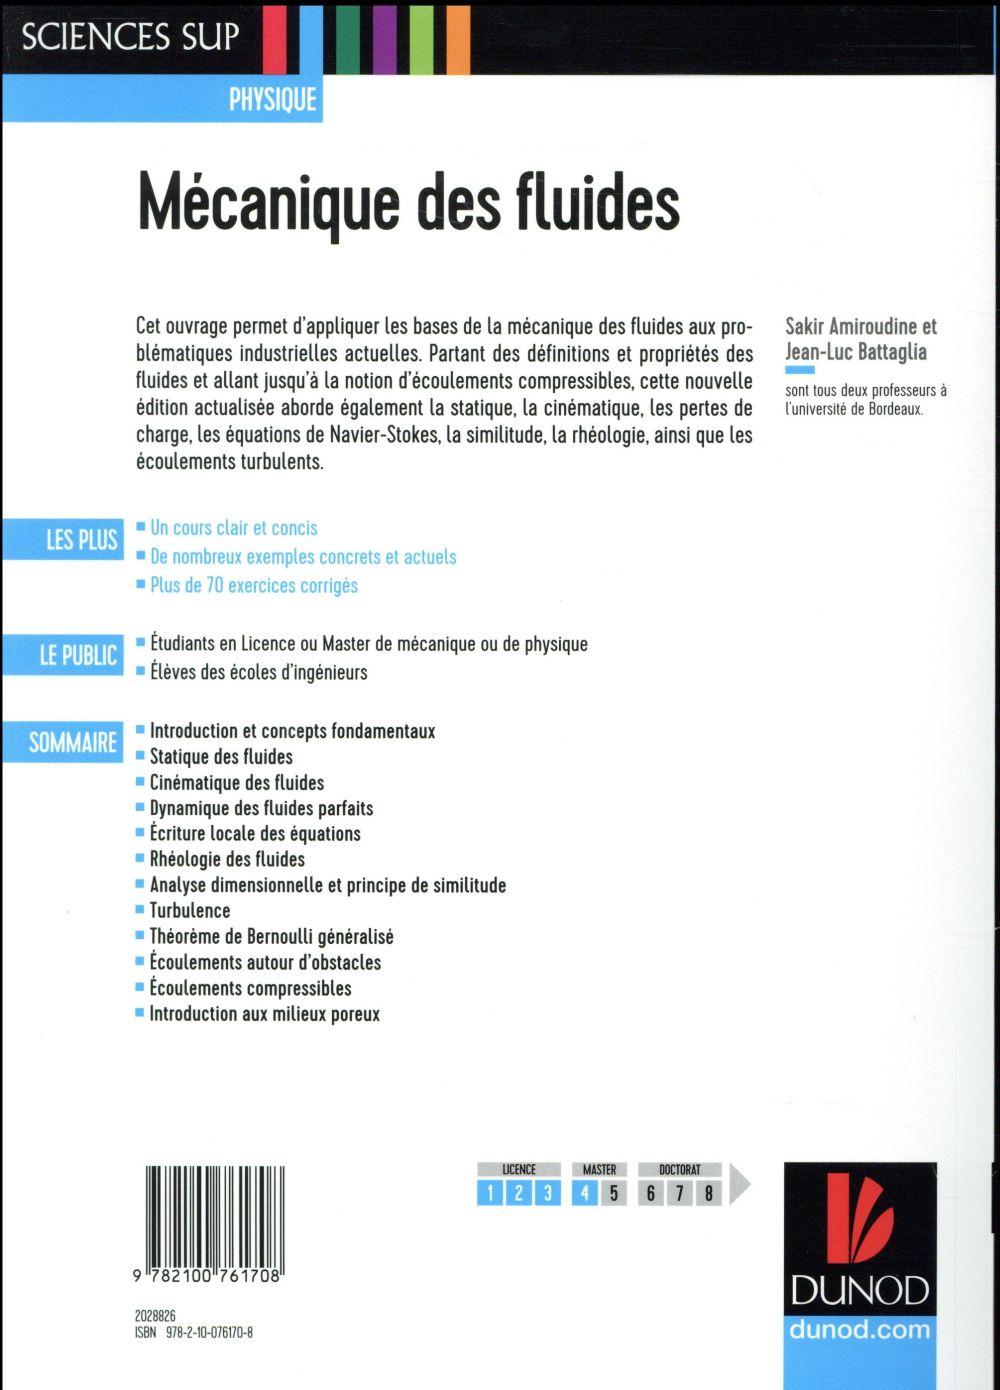 Mecanique Des Fluides Cours Et Exercices Corriges 3e Edition Sakir Amiroudine Dunod Grand Format Arthaud Grenoble